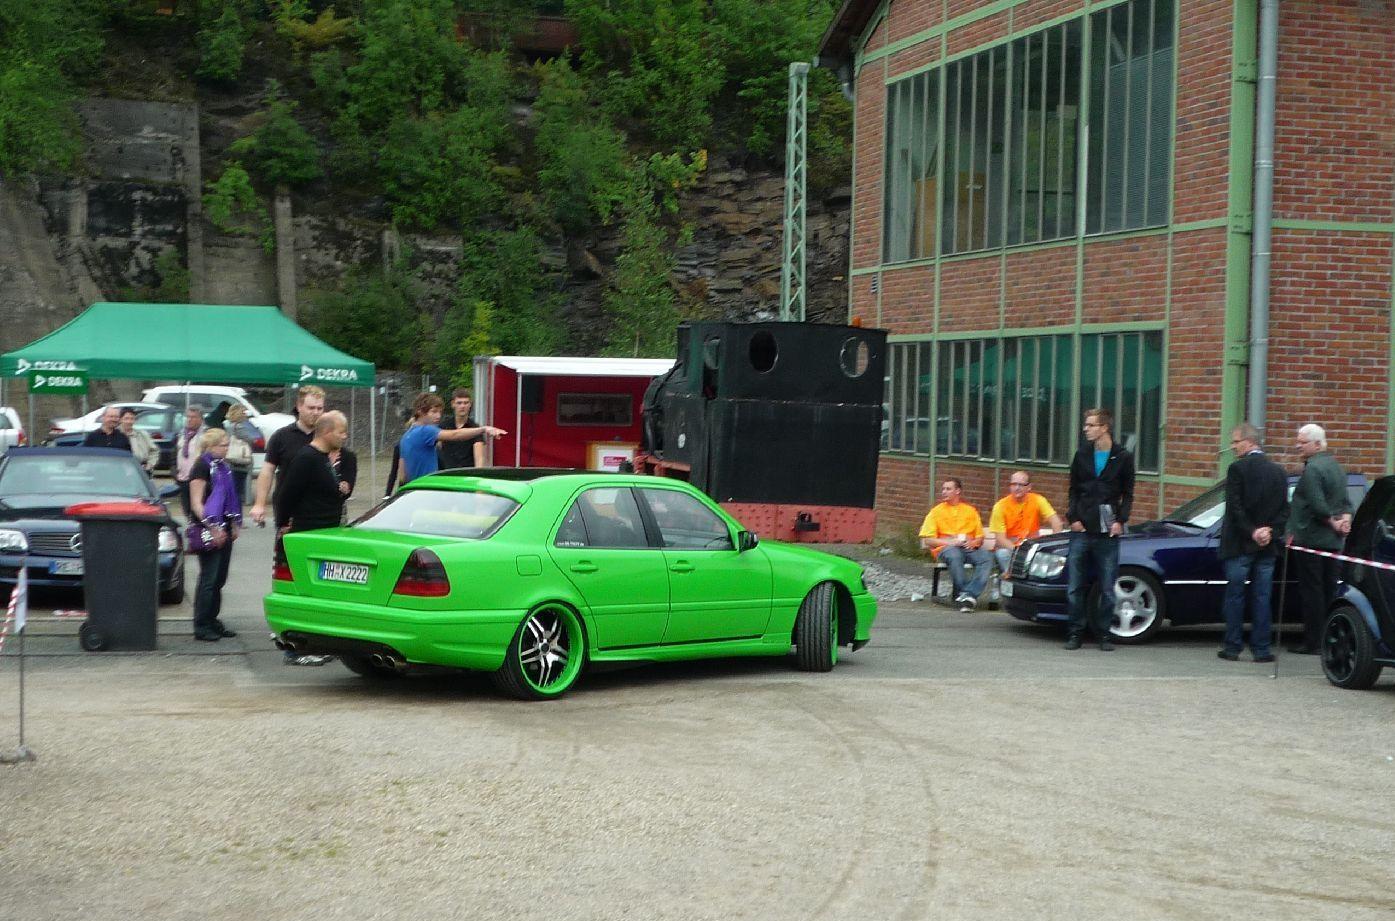 http://3.bp.blogspot.com/-f4-IuhbvjWY/Tc42CJFTAnI/AAAAAAAABo8/2JyCMf6aWM0/s1600/Mercedes-Benz_w202_green_6.jpg